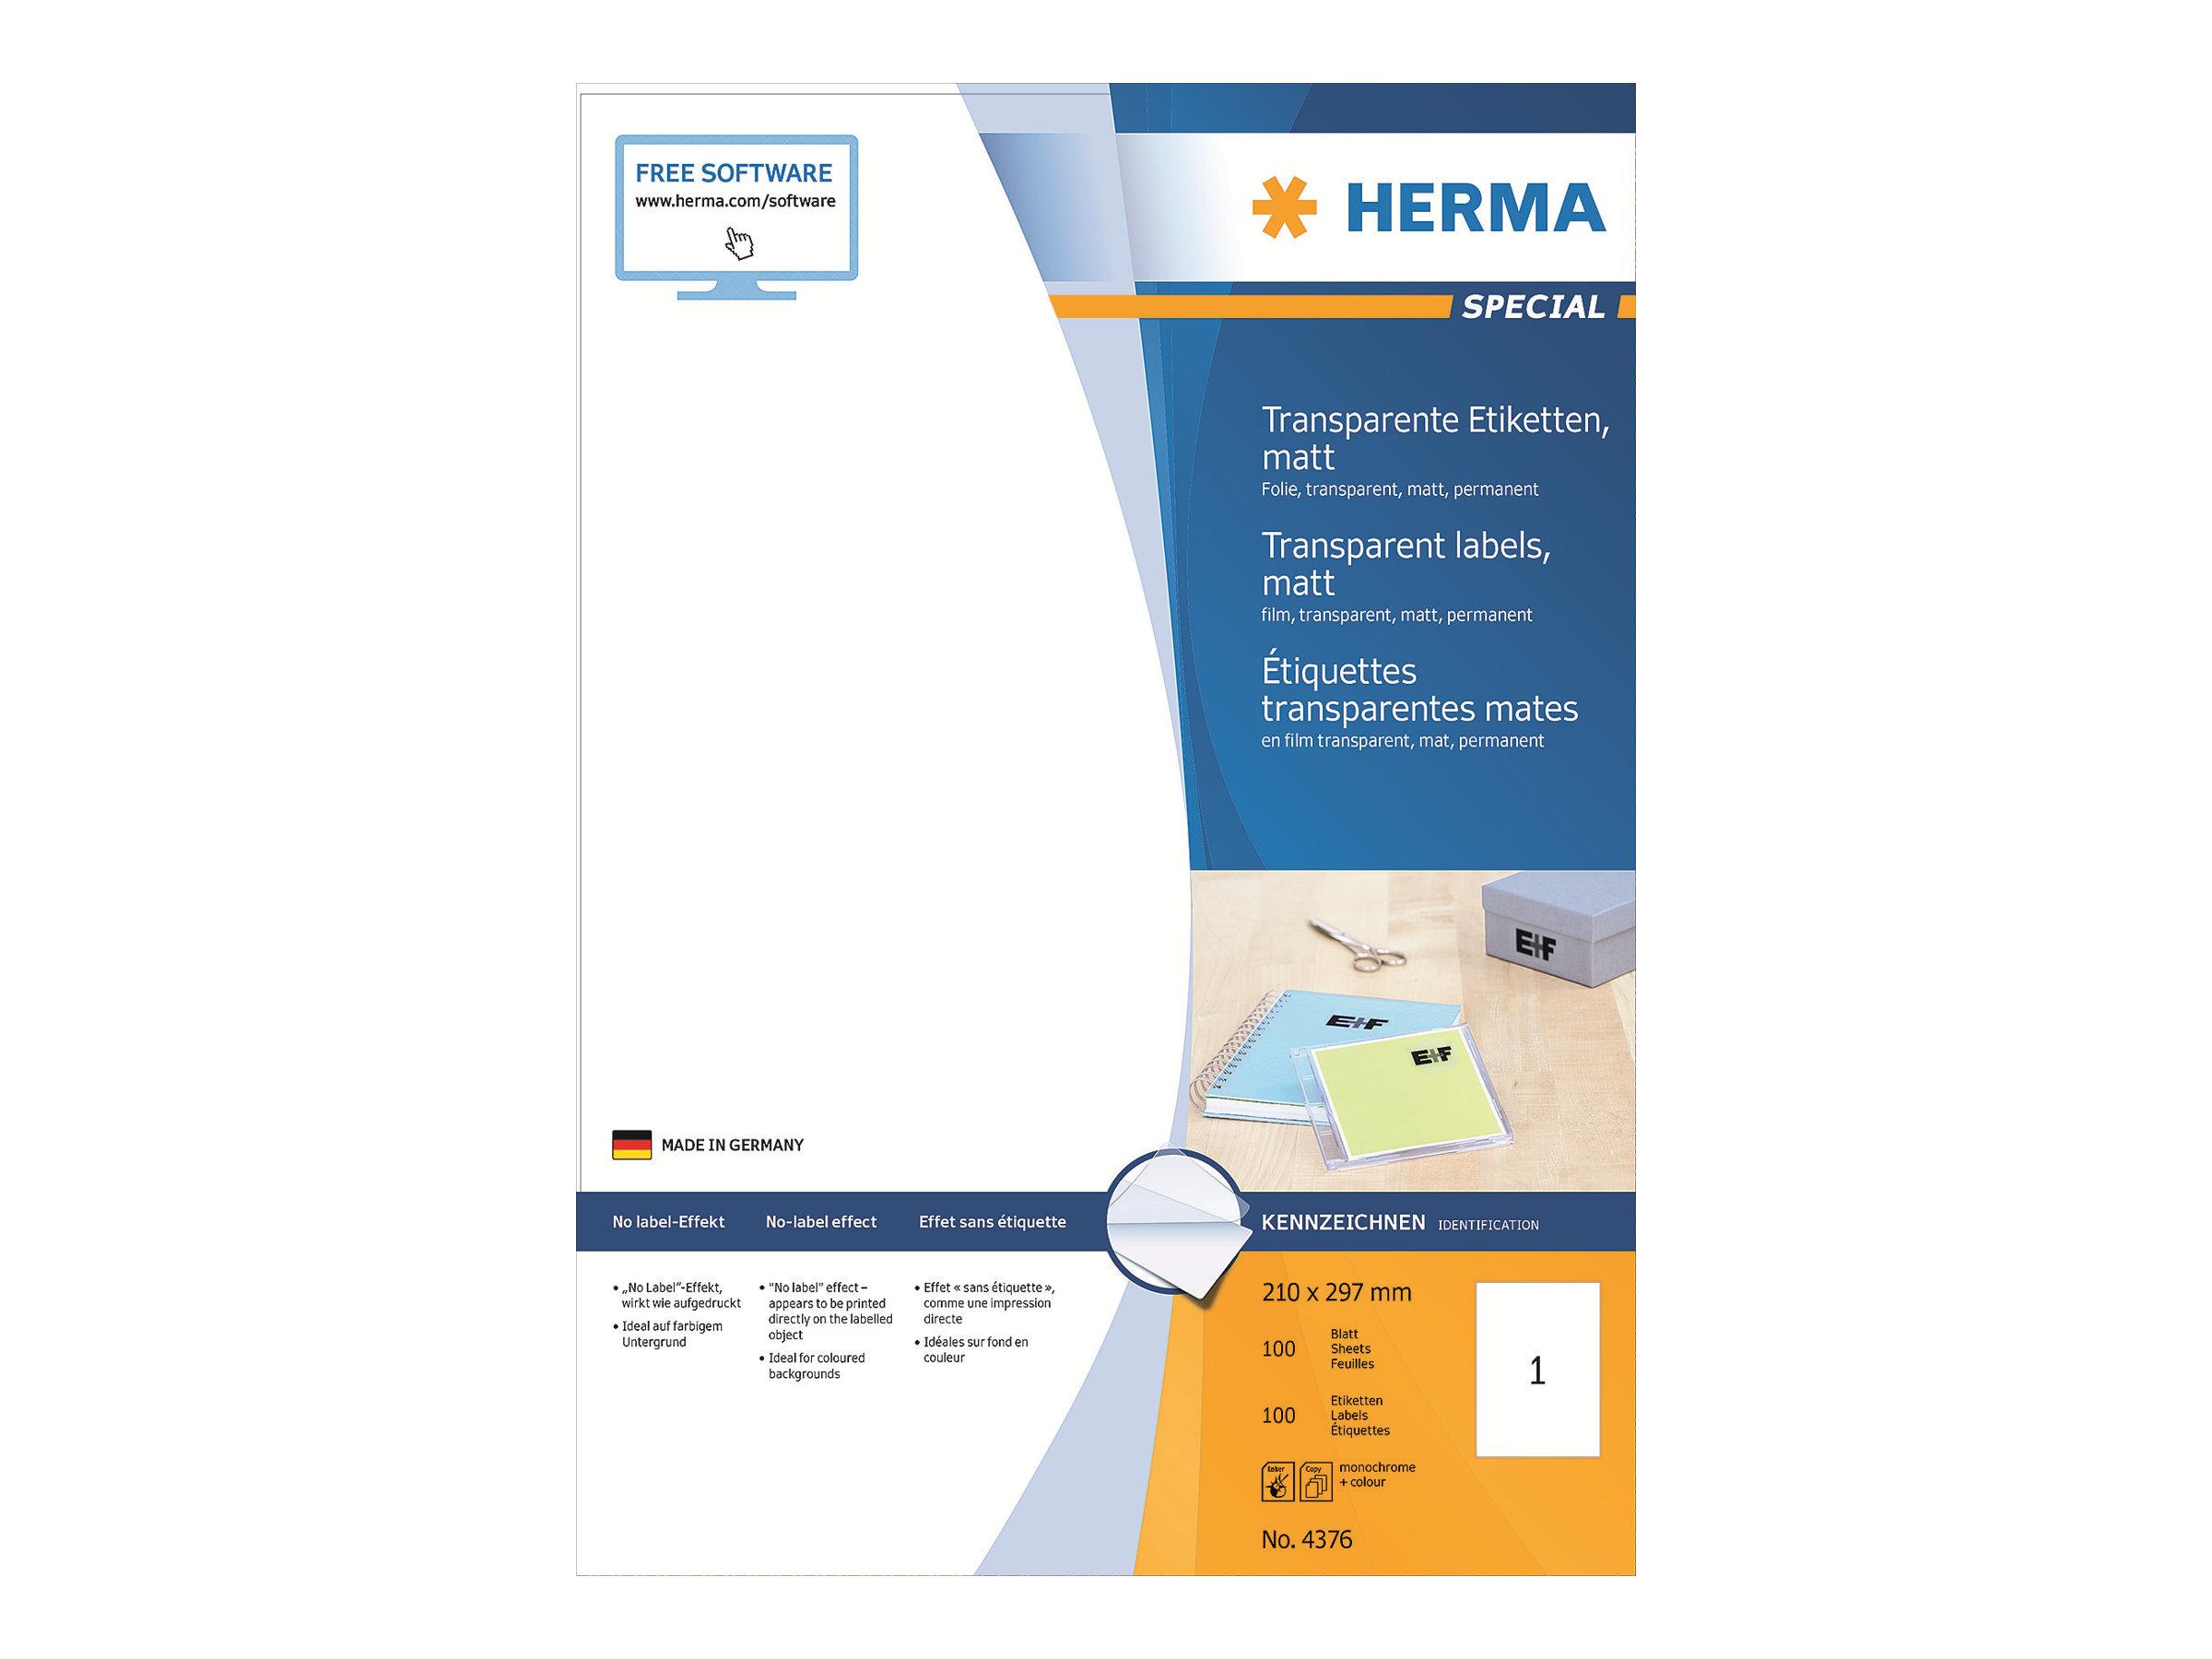 HERMA Special - Matt - permanent selbstklebend - durchsichtig - A4 (210 x 297 mm)